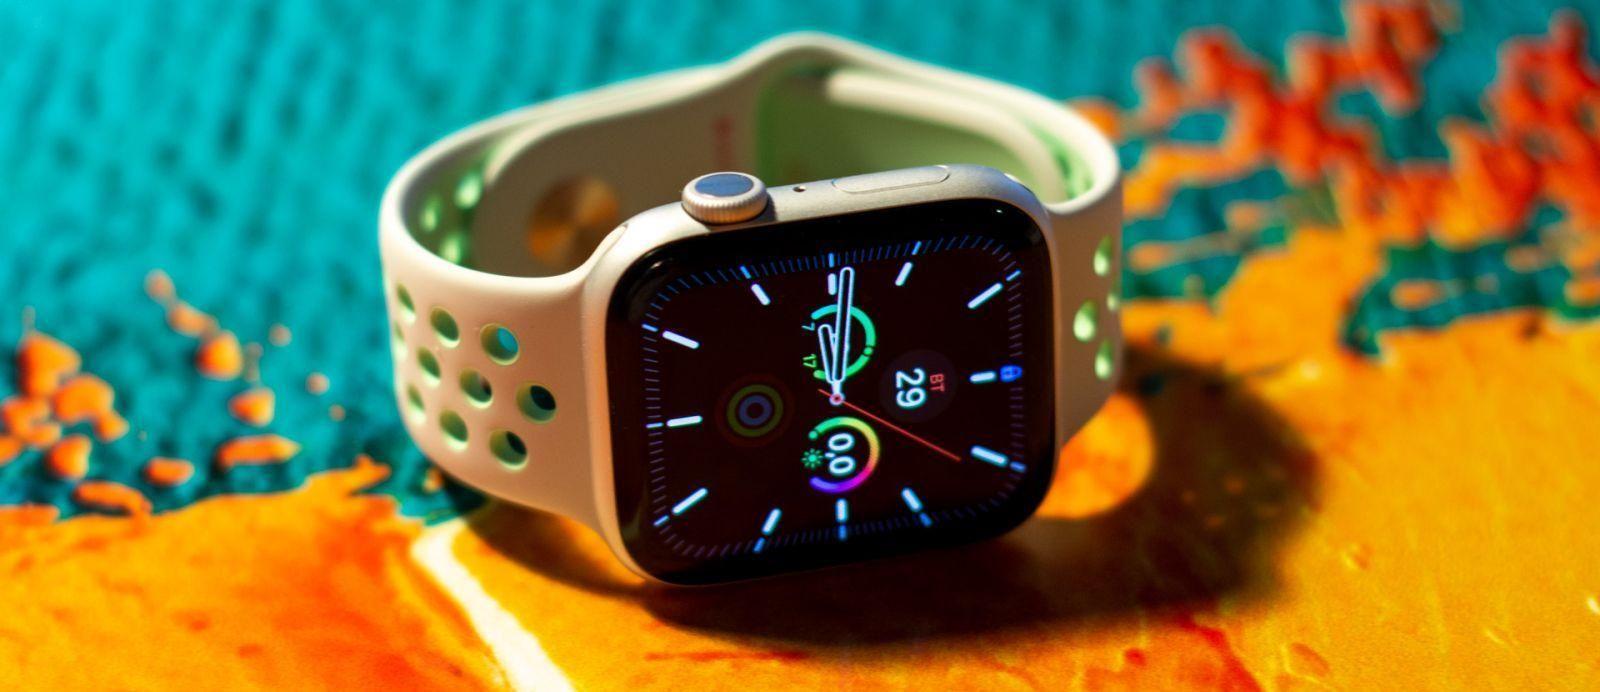 Первый взгляд: обзор Apple Watch series 6 cо сканером кислорода в крови